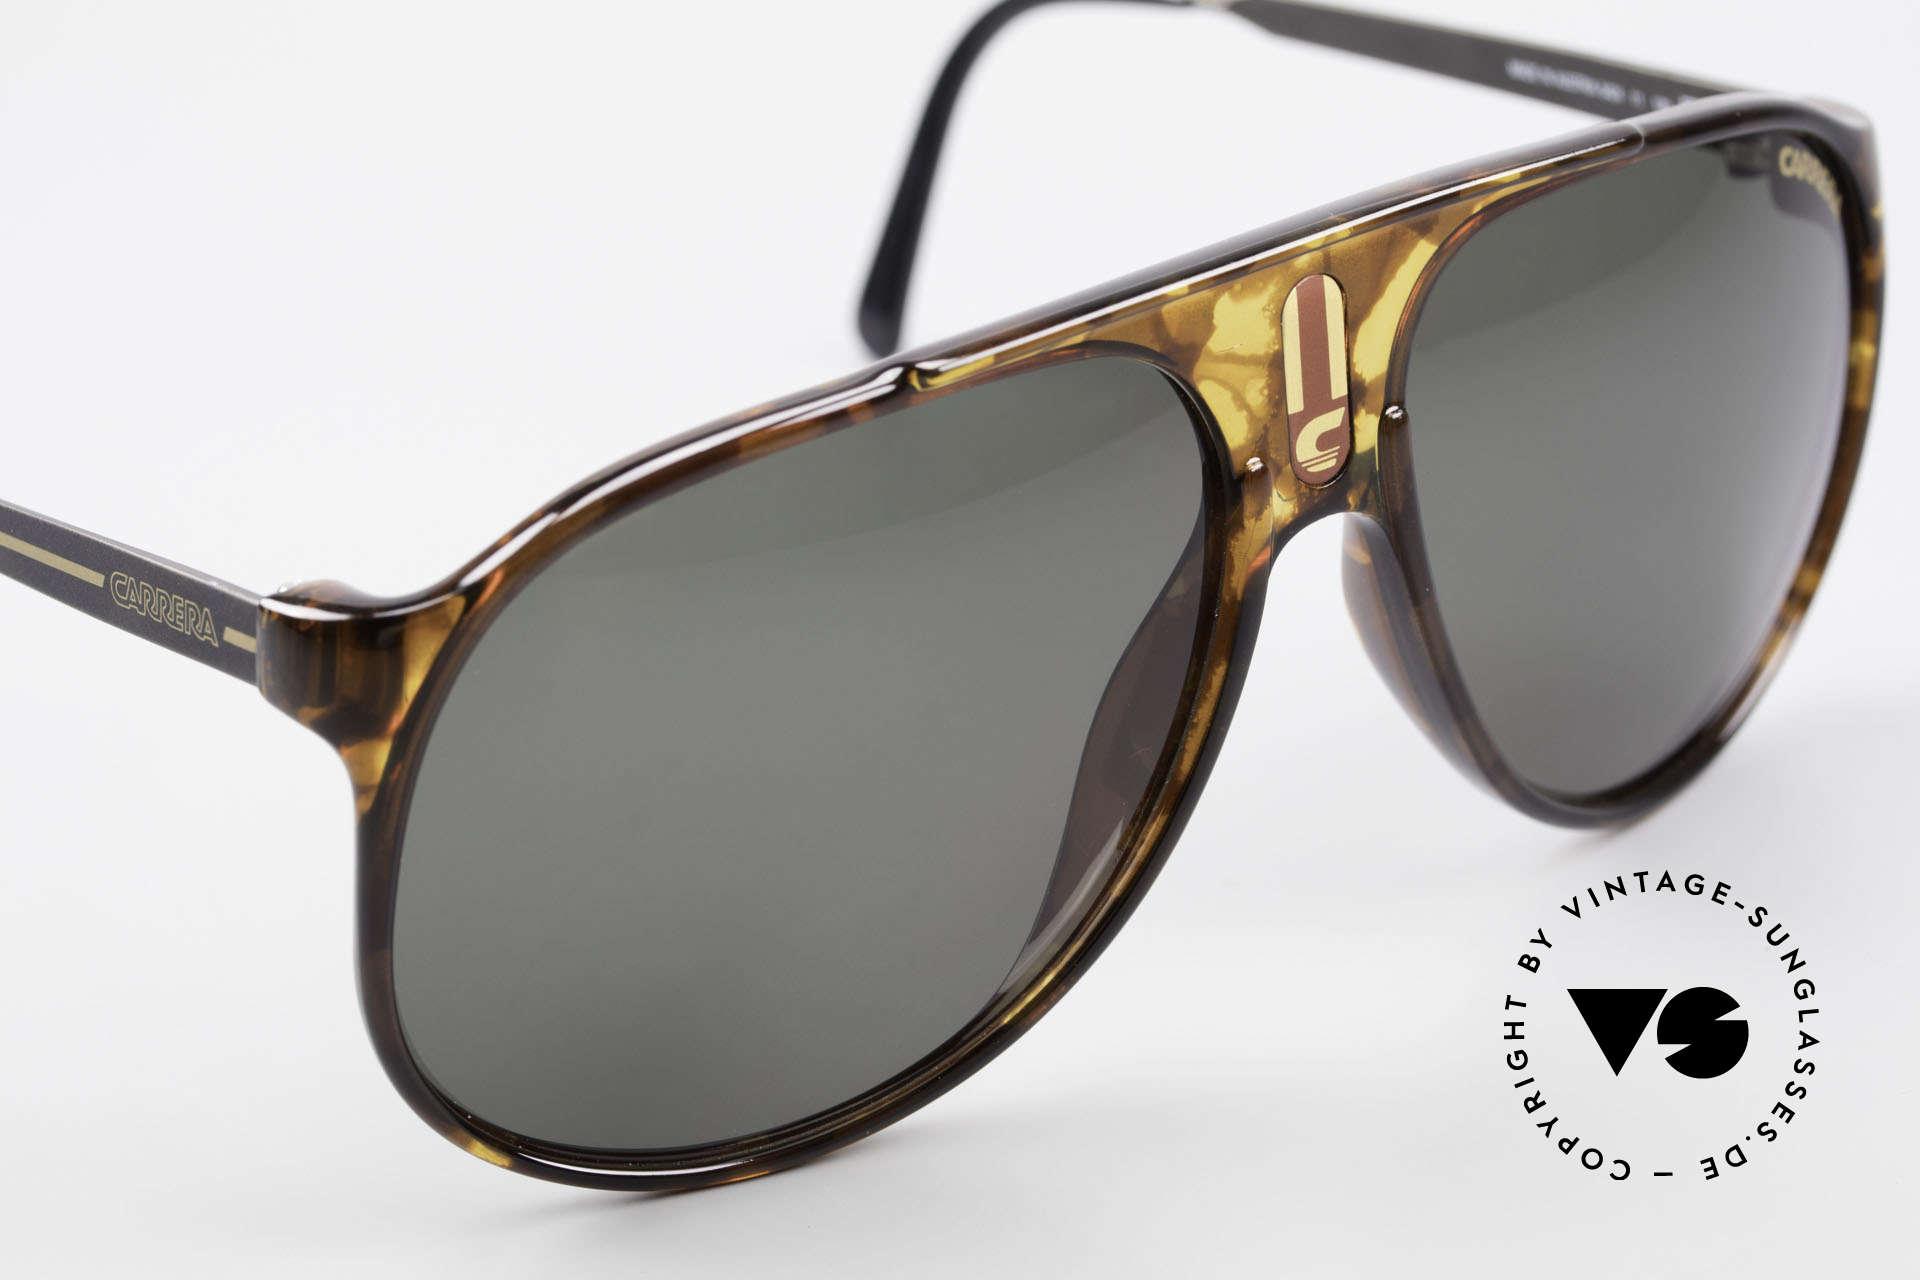 Carrera 5424 80er Aviator Sportsonnenbrille, dunkelgrüne CR39 Carrera Gläser; 100% UV Schutz, Passend für Herren